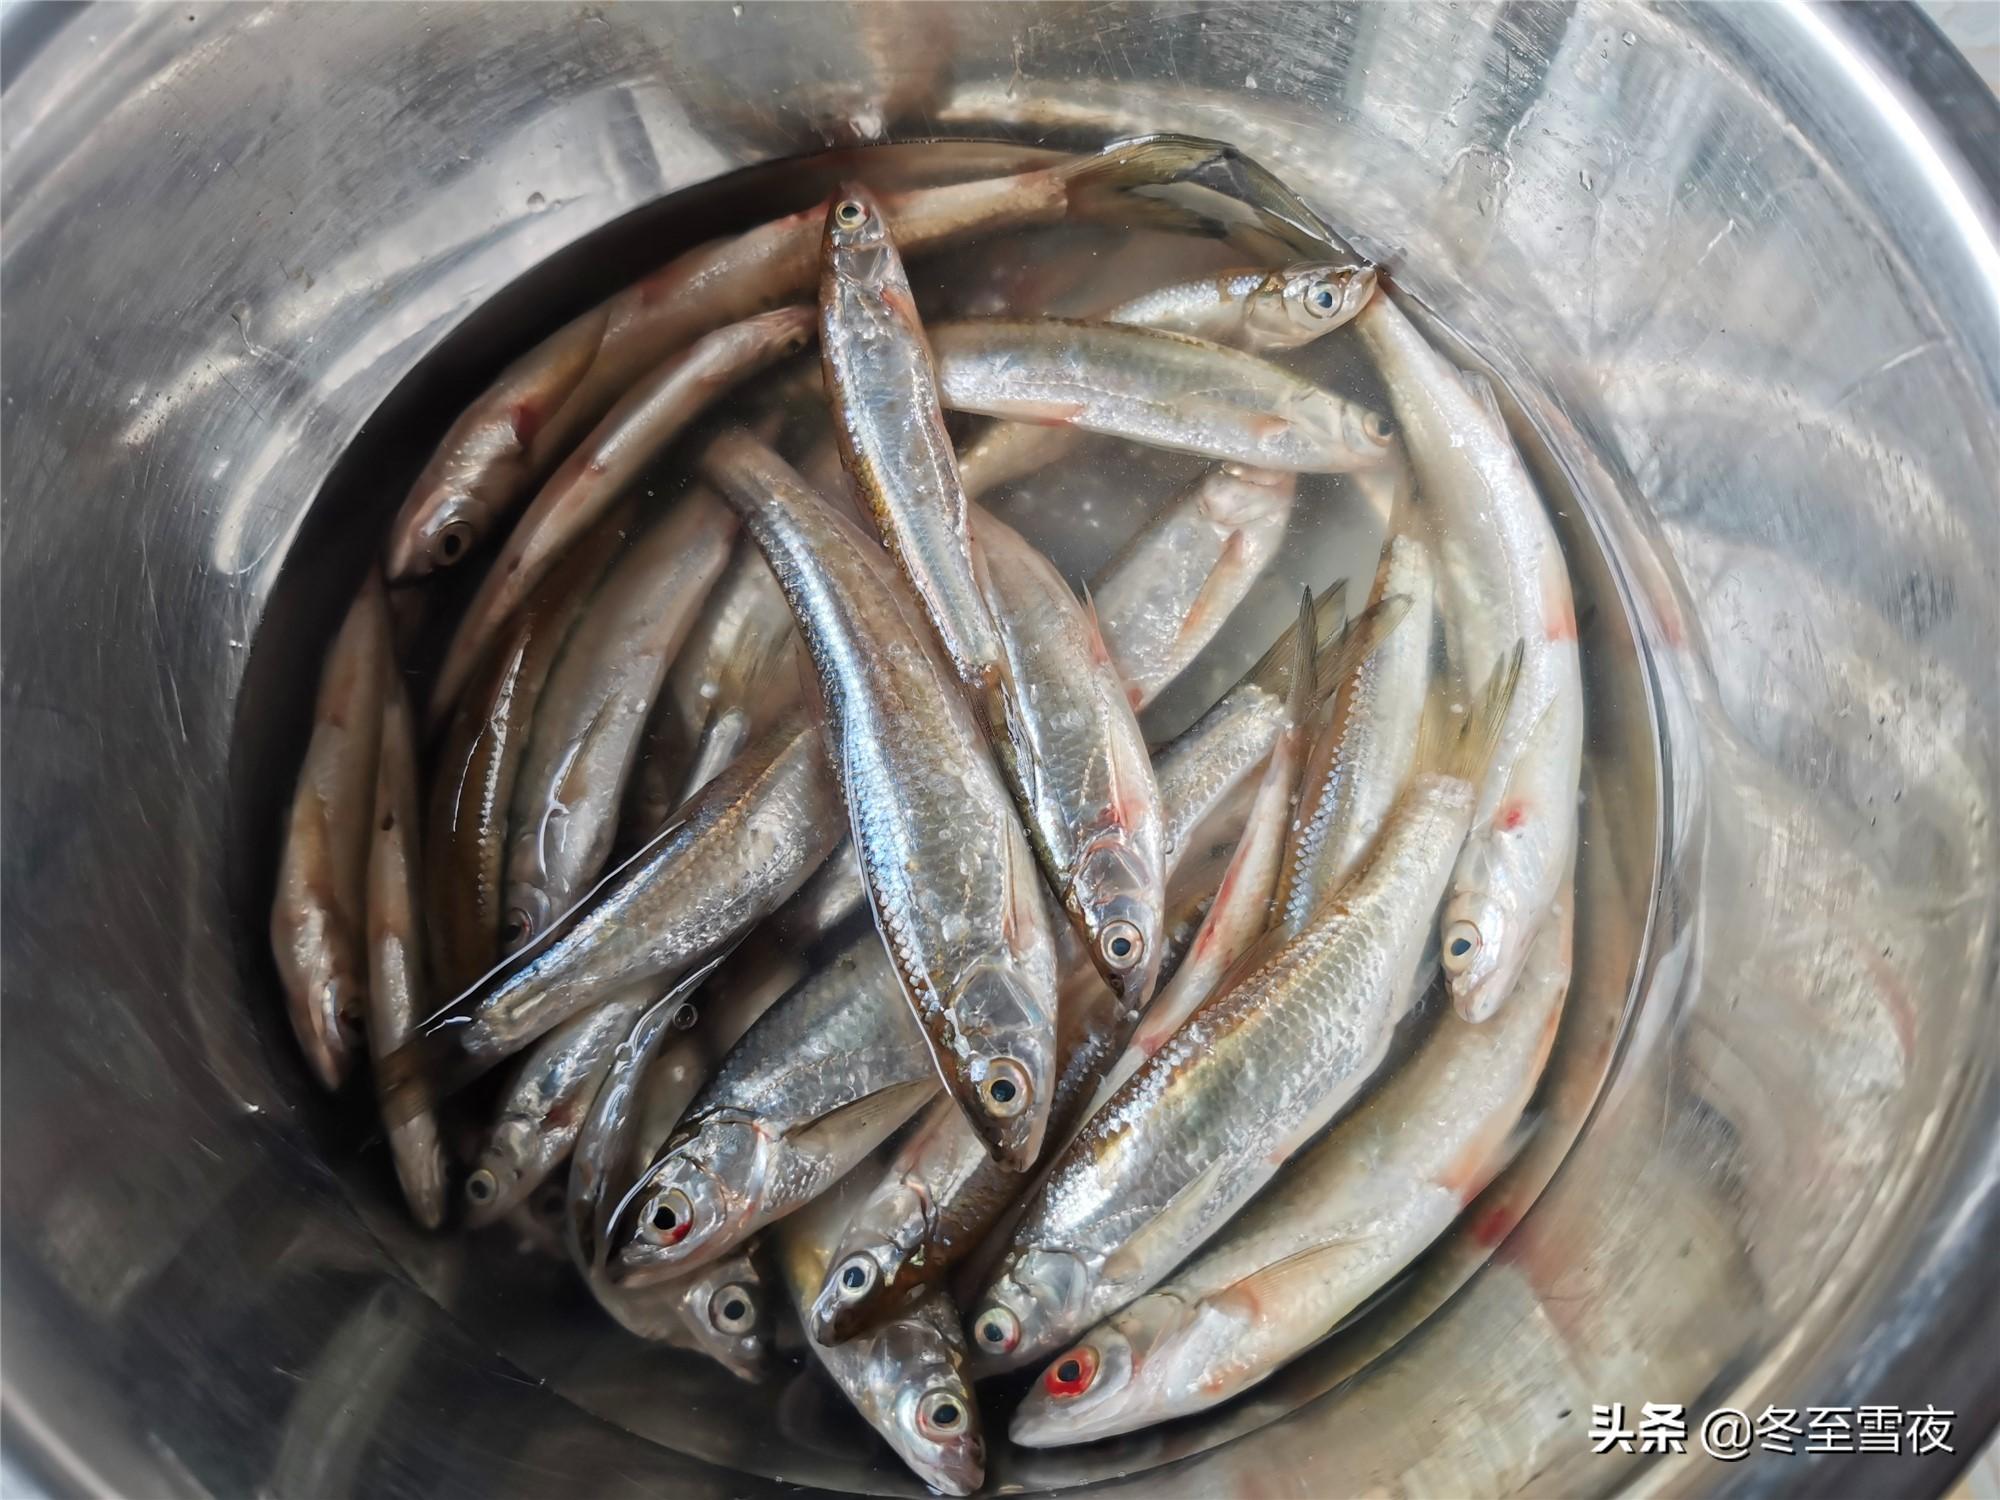 怎样把小河鱼炸得又香又酥,教你干炸的做法,金黄酥脆味道香 美食做法 第2张